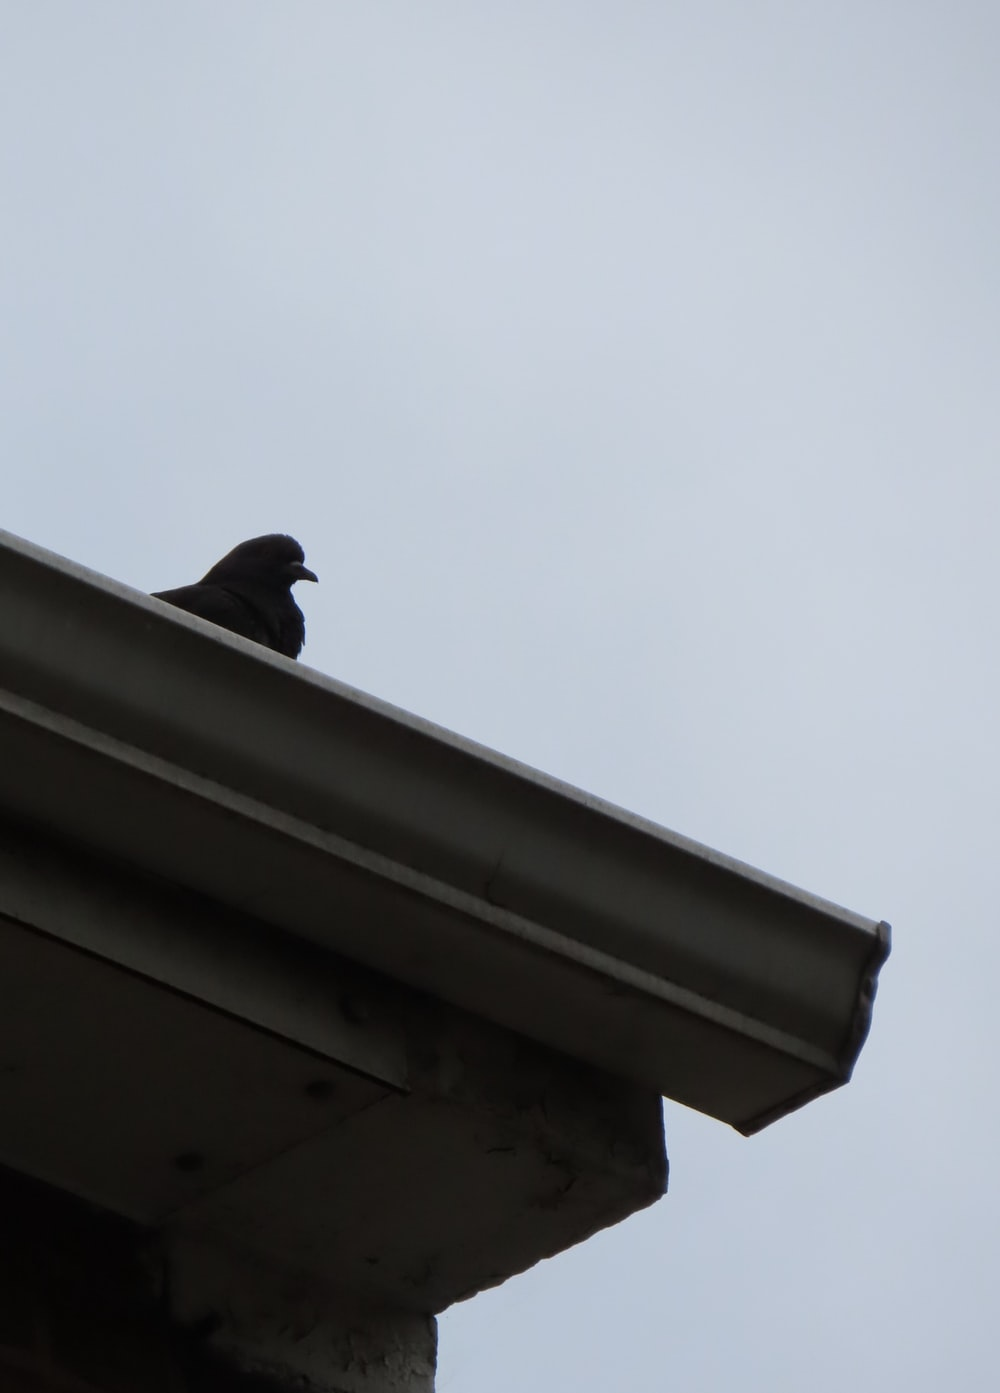 black bird on white concrete wall